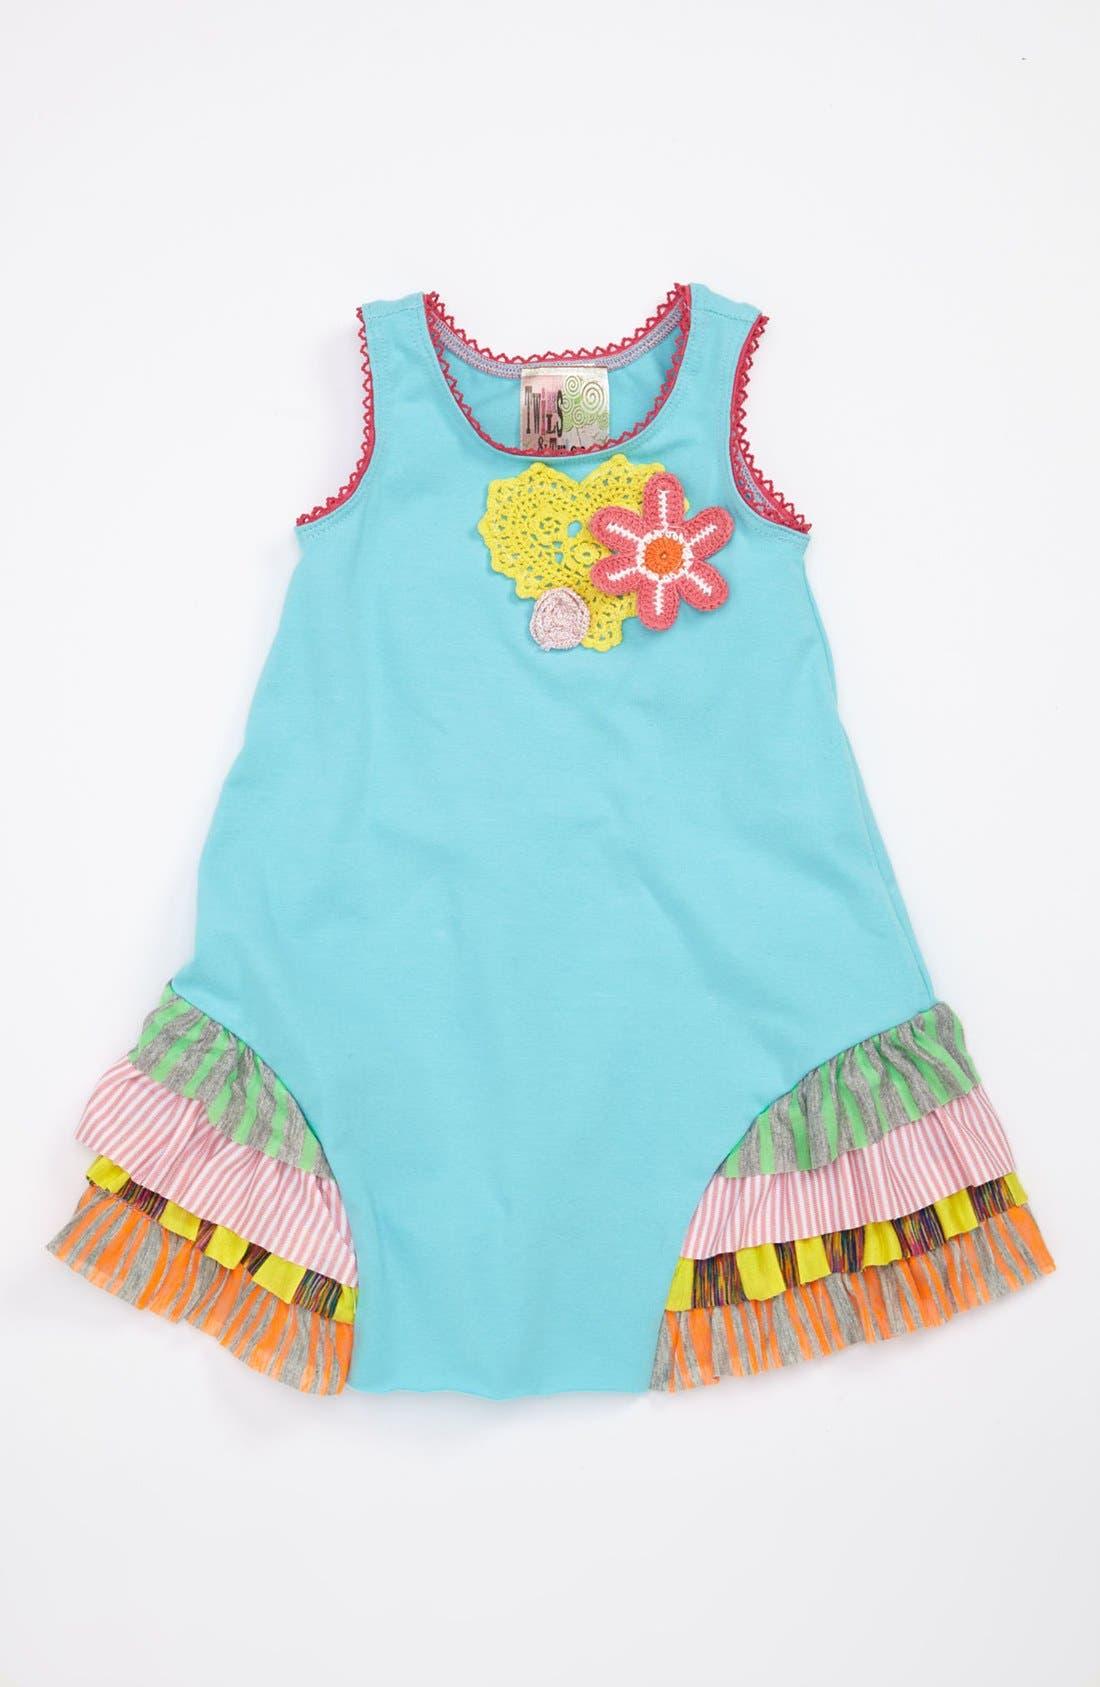 Alternate Image 1 Selected - Twirls & Twigs 'Heart & Flower' Appliqué Dress (Baby)